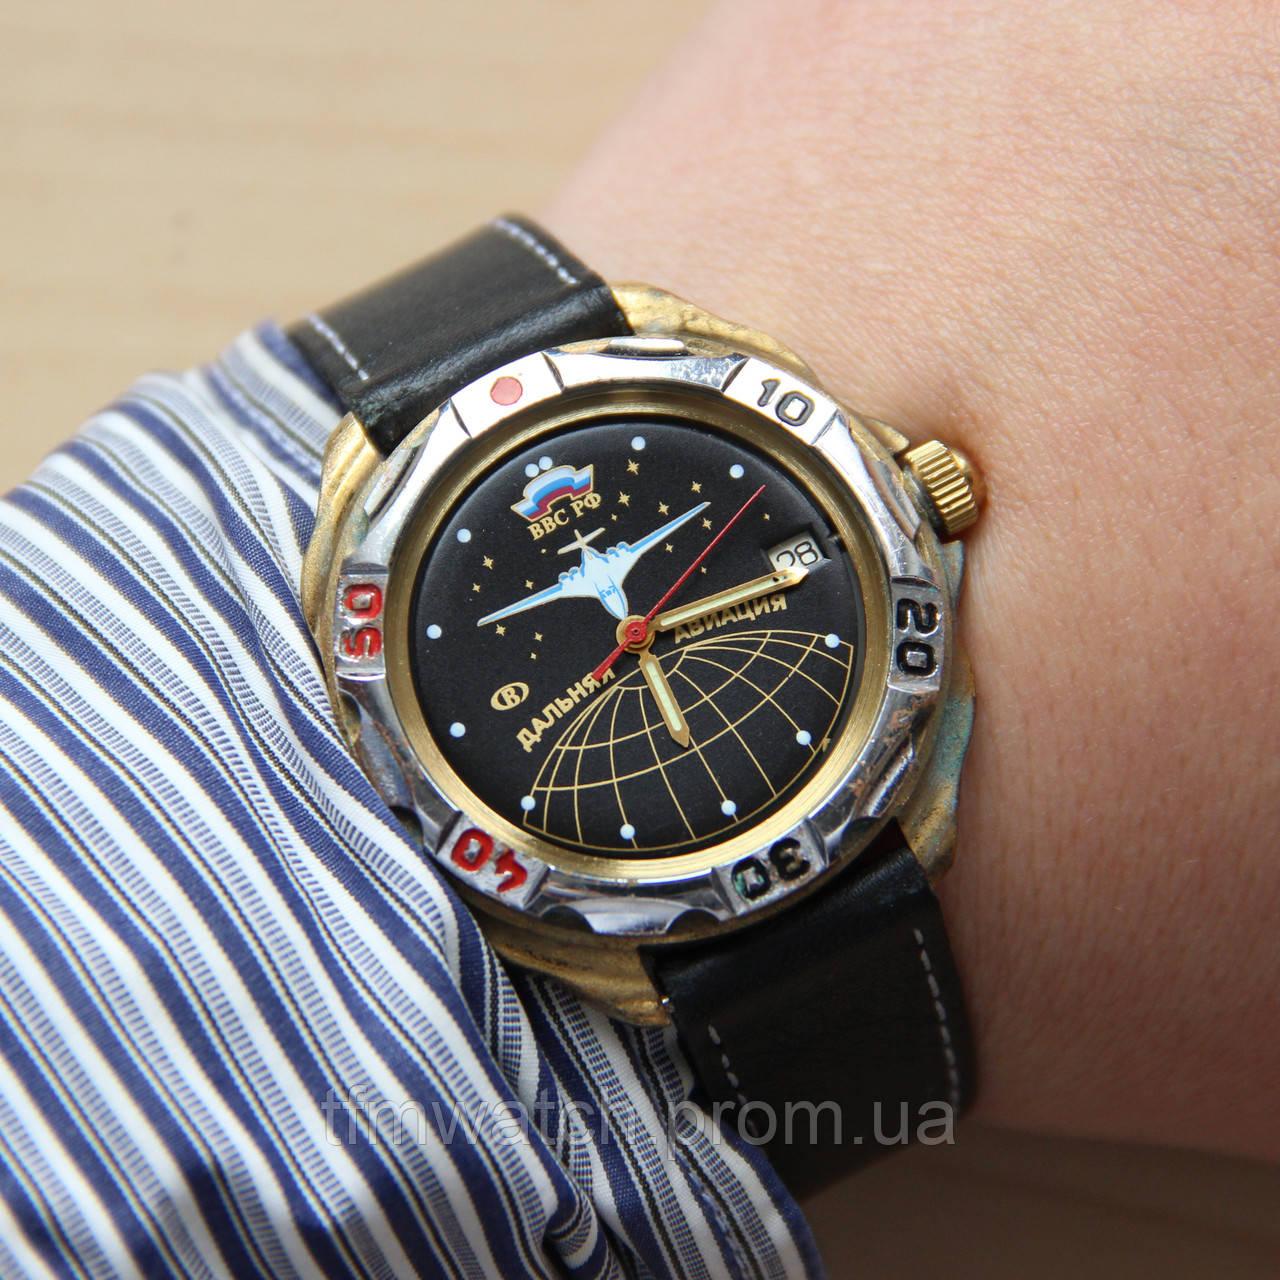 Купить часы механические авиационные часы подарки приколы